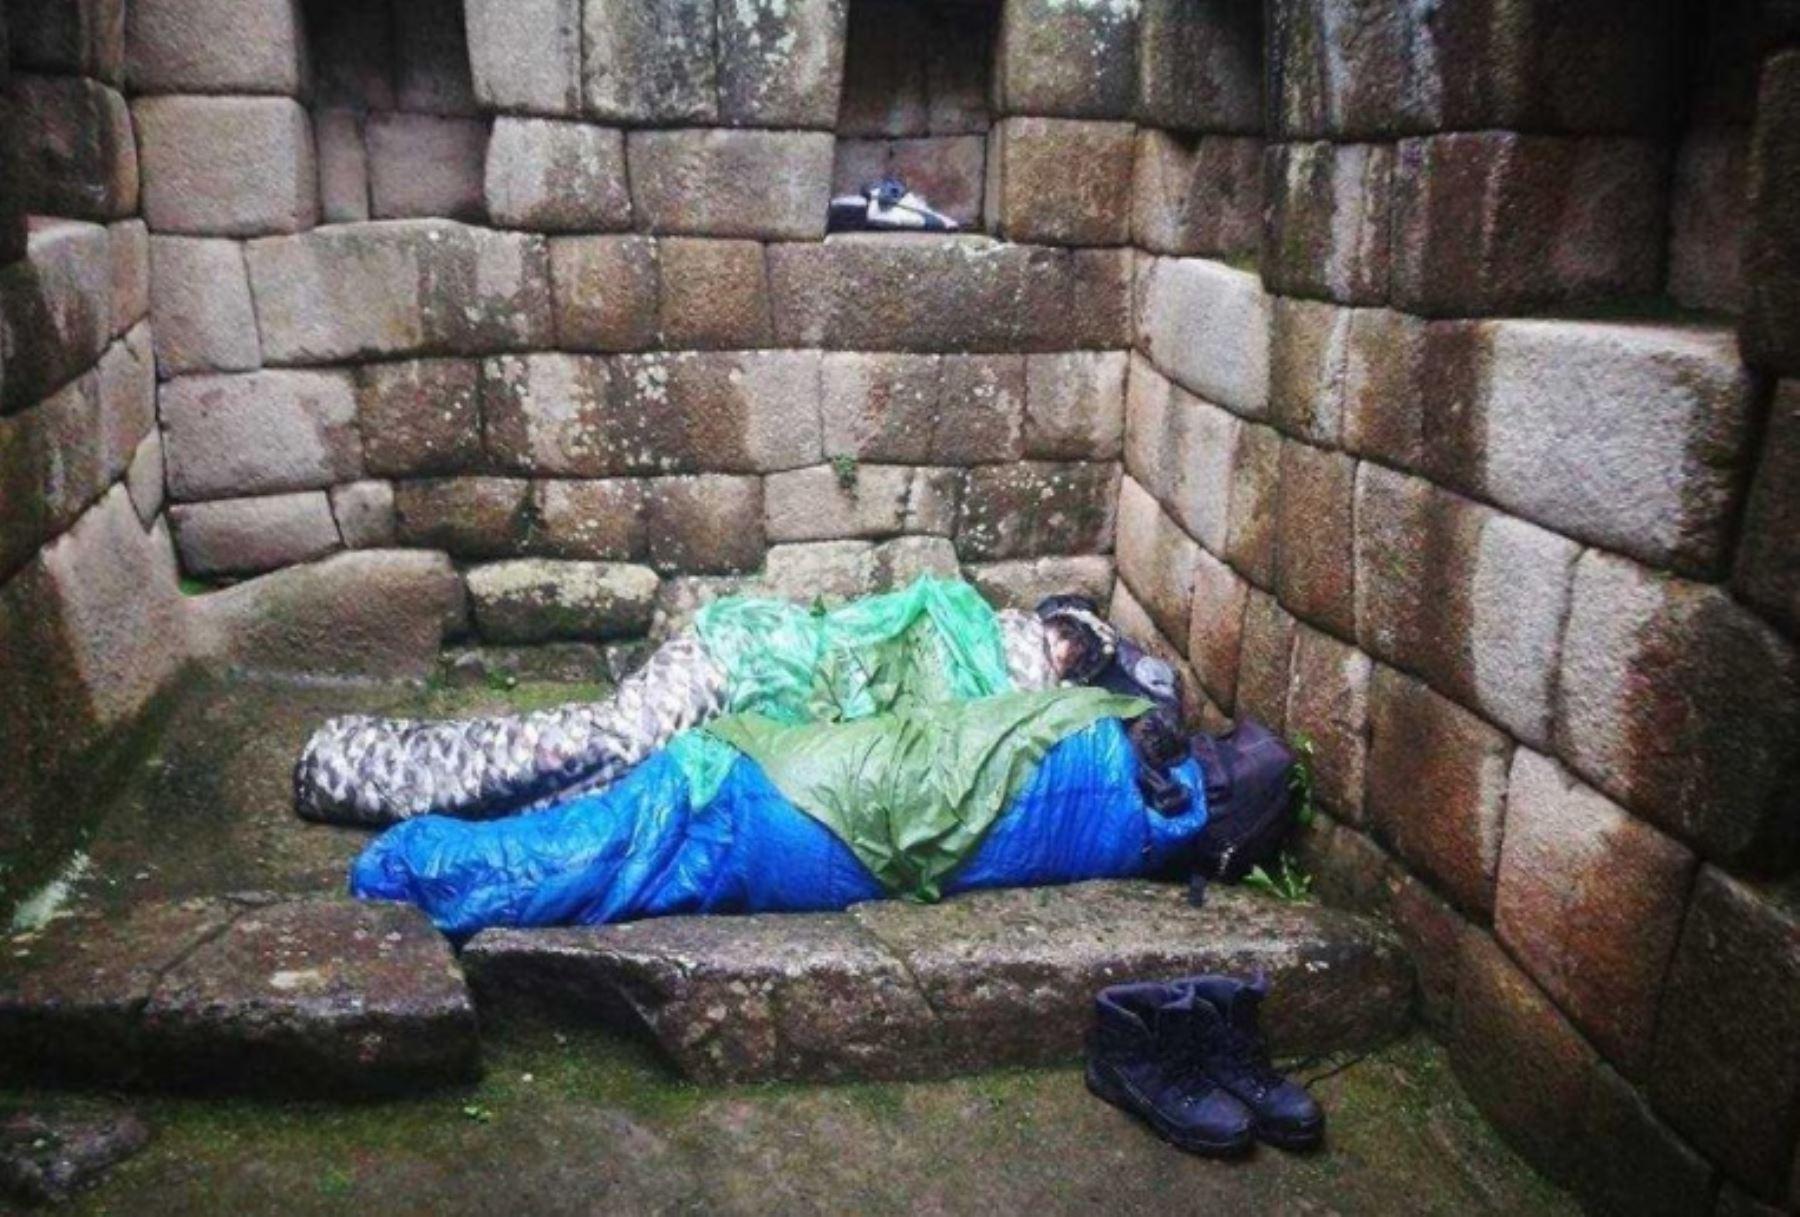 Dos jóvenes de nacionalidad argentina fueron expulsados esta mañana de la ciudadela inca de Machu Picchu, tras ser sorprendidos durmiendo dentro de uno de los recintos del principal atractivo turístico del Perú, informó Miguel Zamora Salas, encargado de la Oficina de Atención al Visitante y Servicios Turísticos del complejo arqueológico.